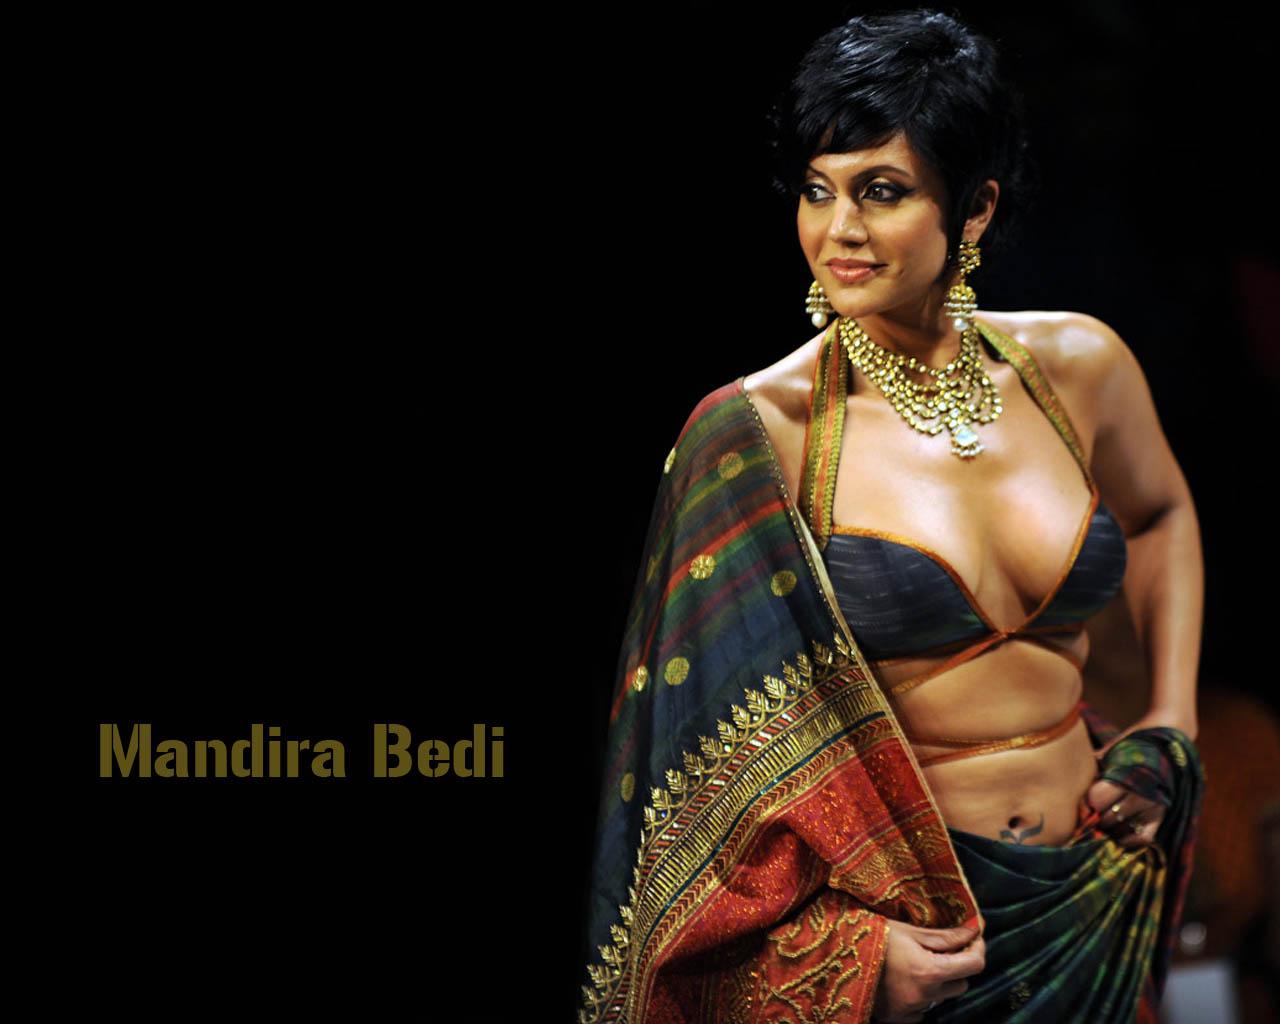 http://4.bp.blogspot.com/-AzzNzCEfWBw/TigkElVQwEI/AAAAAAAACOk/JXo_ADSVzls/s1600/Mandira_Bedi_8.jpg